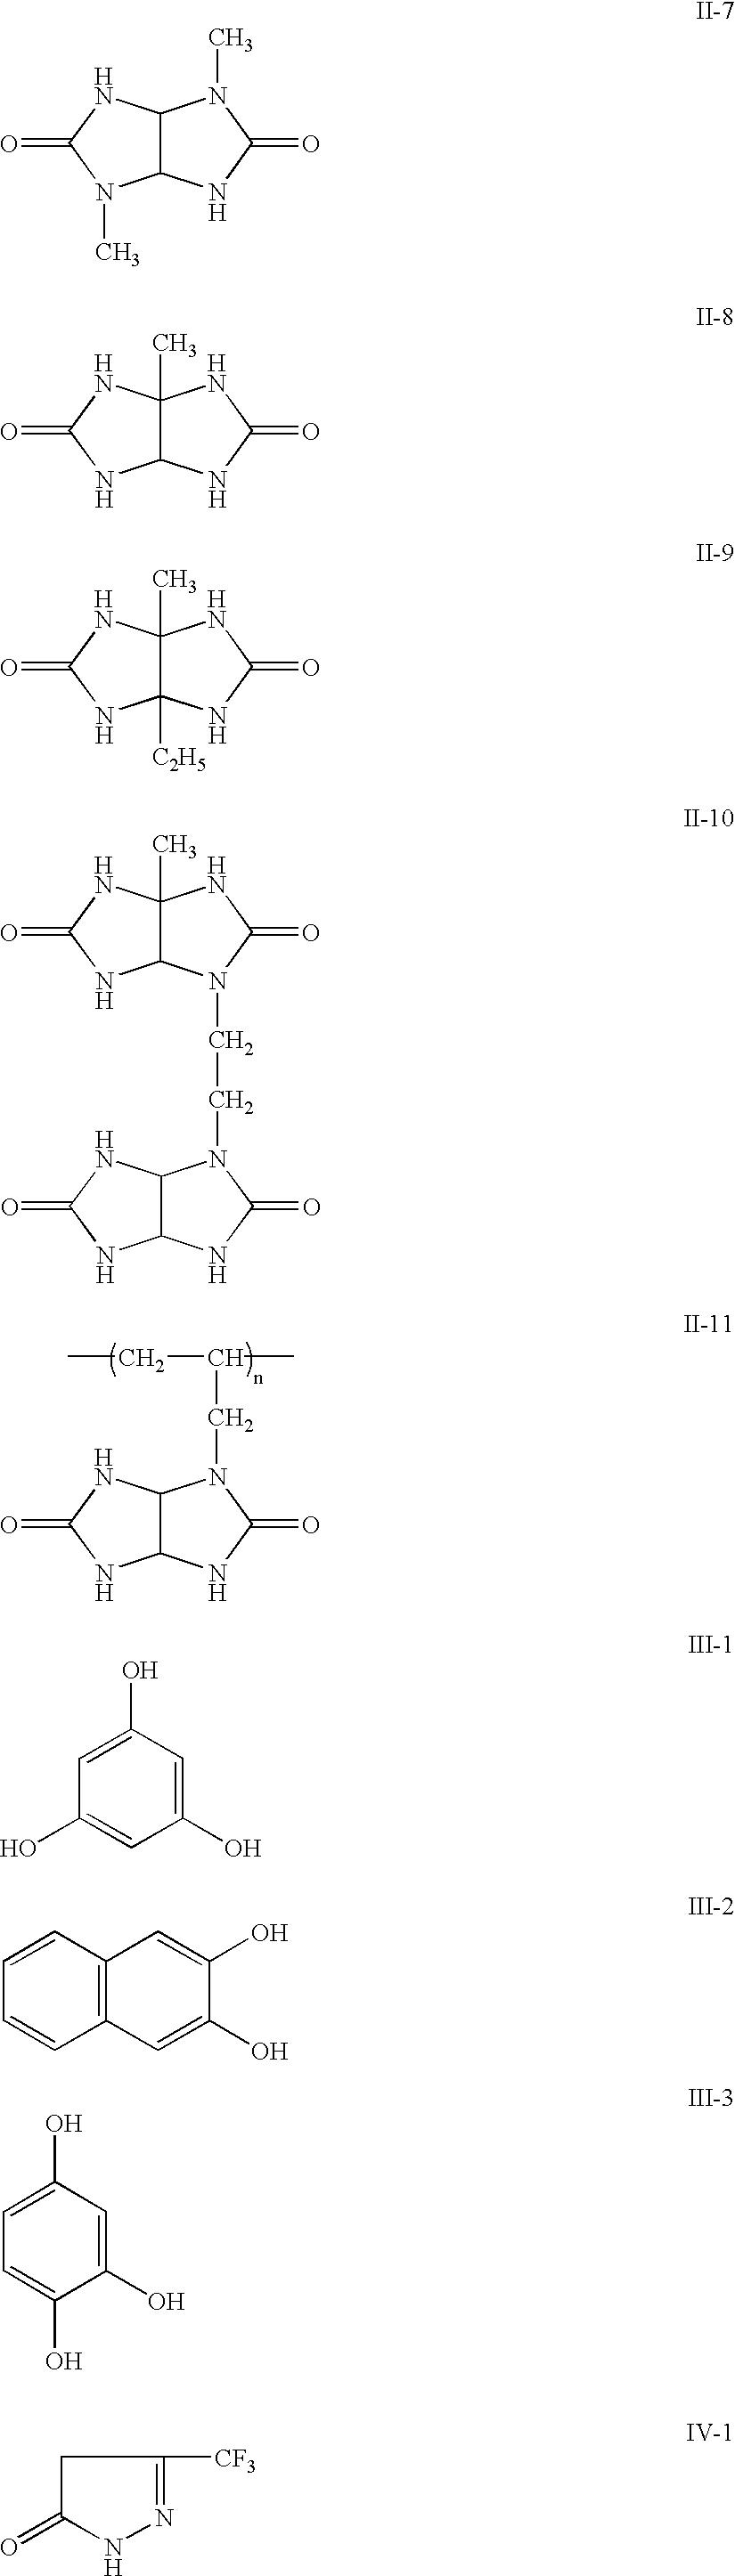 Figure US06495225-20021217-C00007